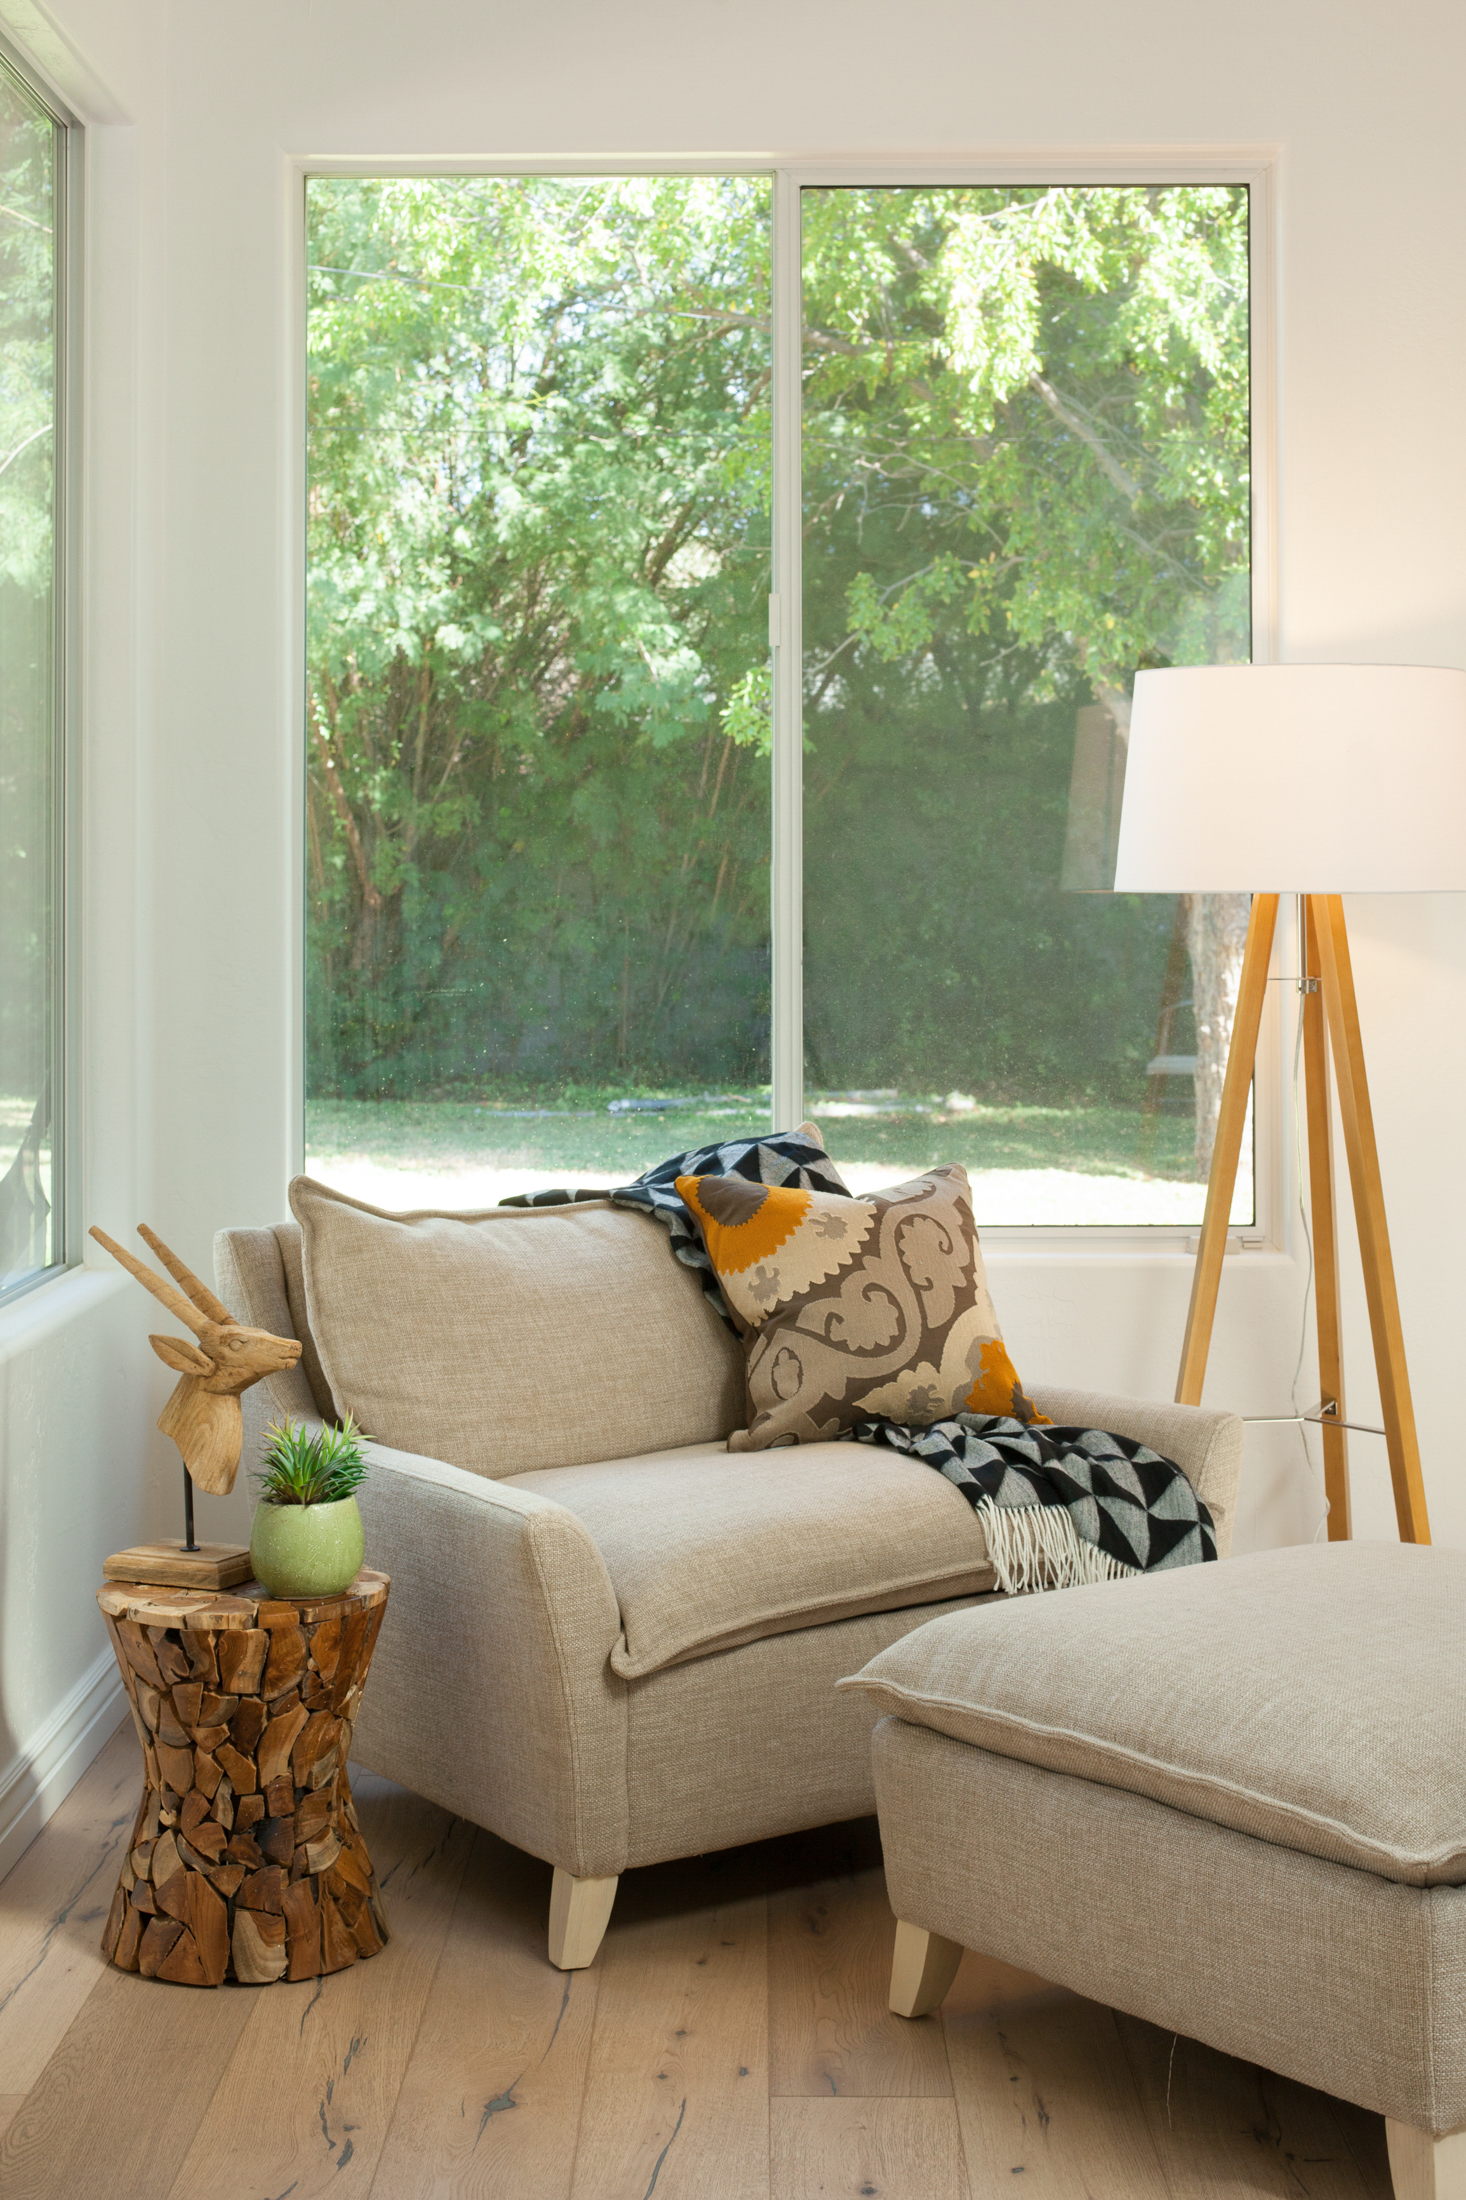 Interior-Design-www.JamesStewart.photo-7.jpg